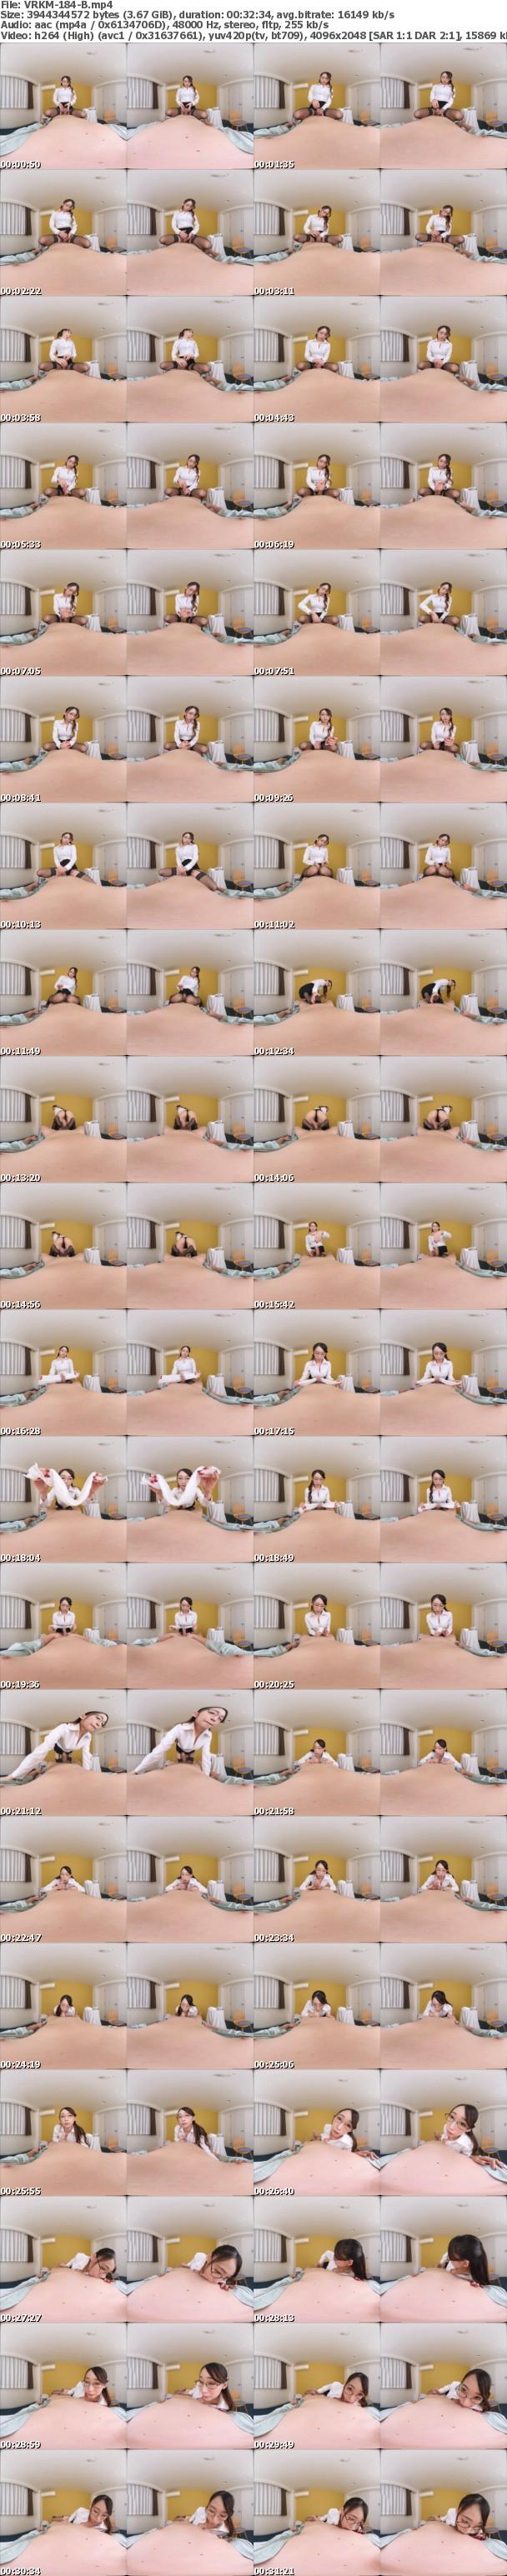 (VR) VRKM-184 亀頭刺激専科 早漏改善クリニック 執拗に焦らし繰り返すチ●ポ鍛錬プログラム 主治医:蓮実クレア